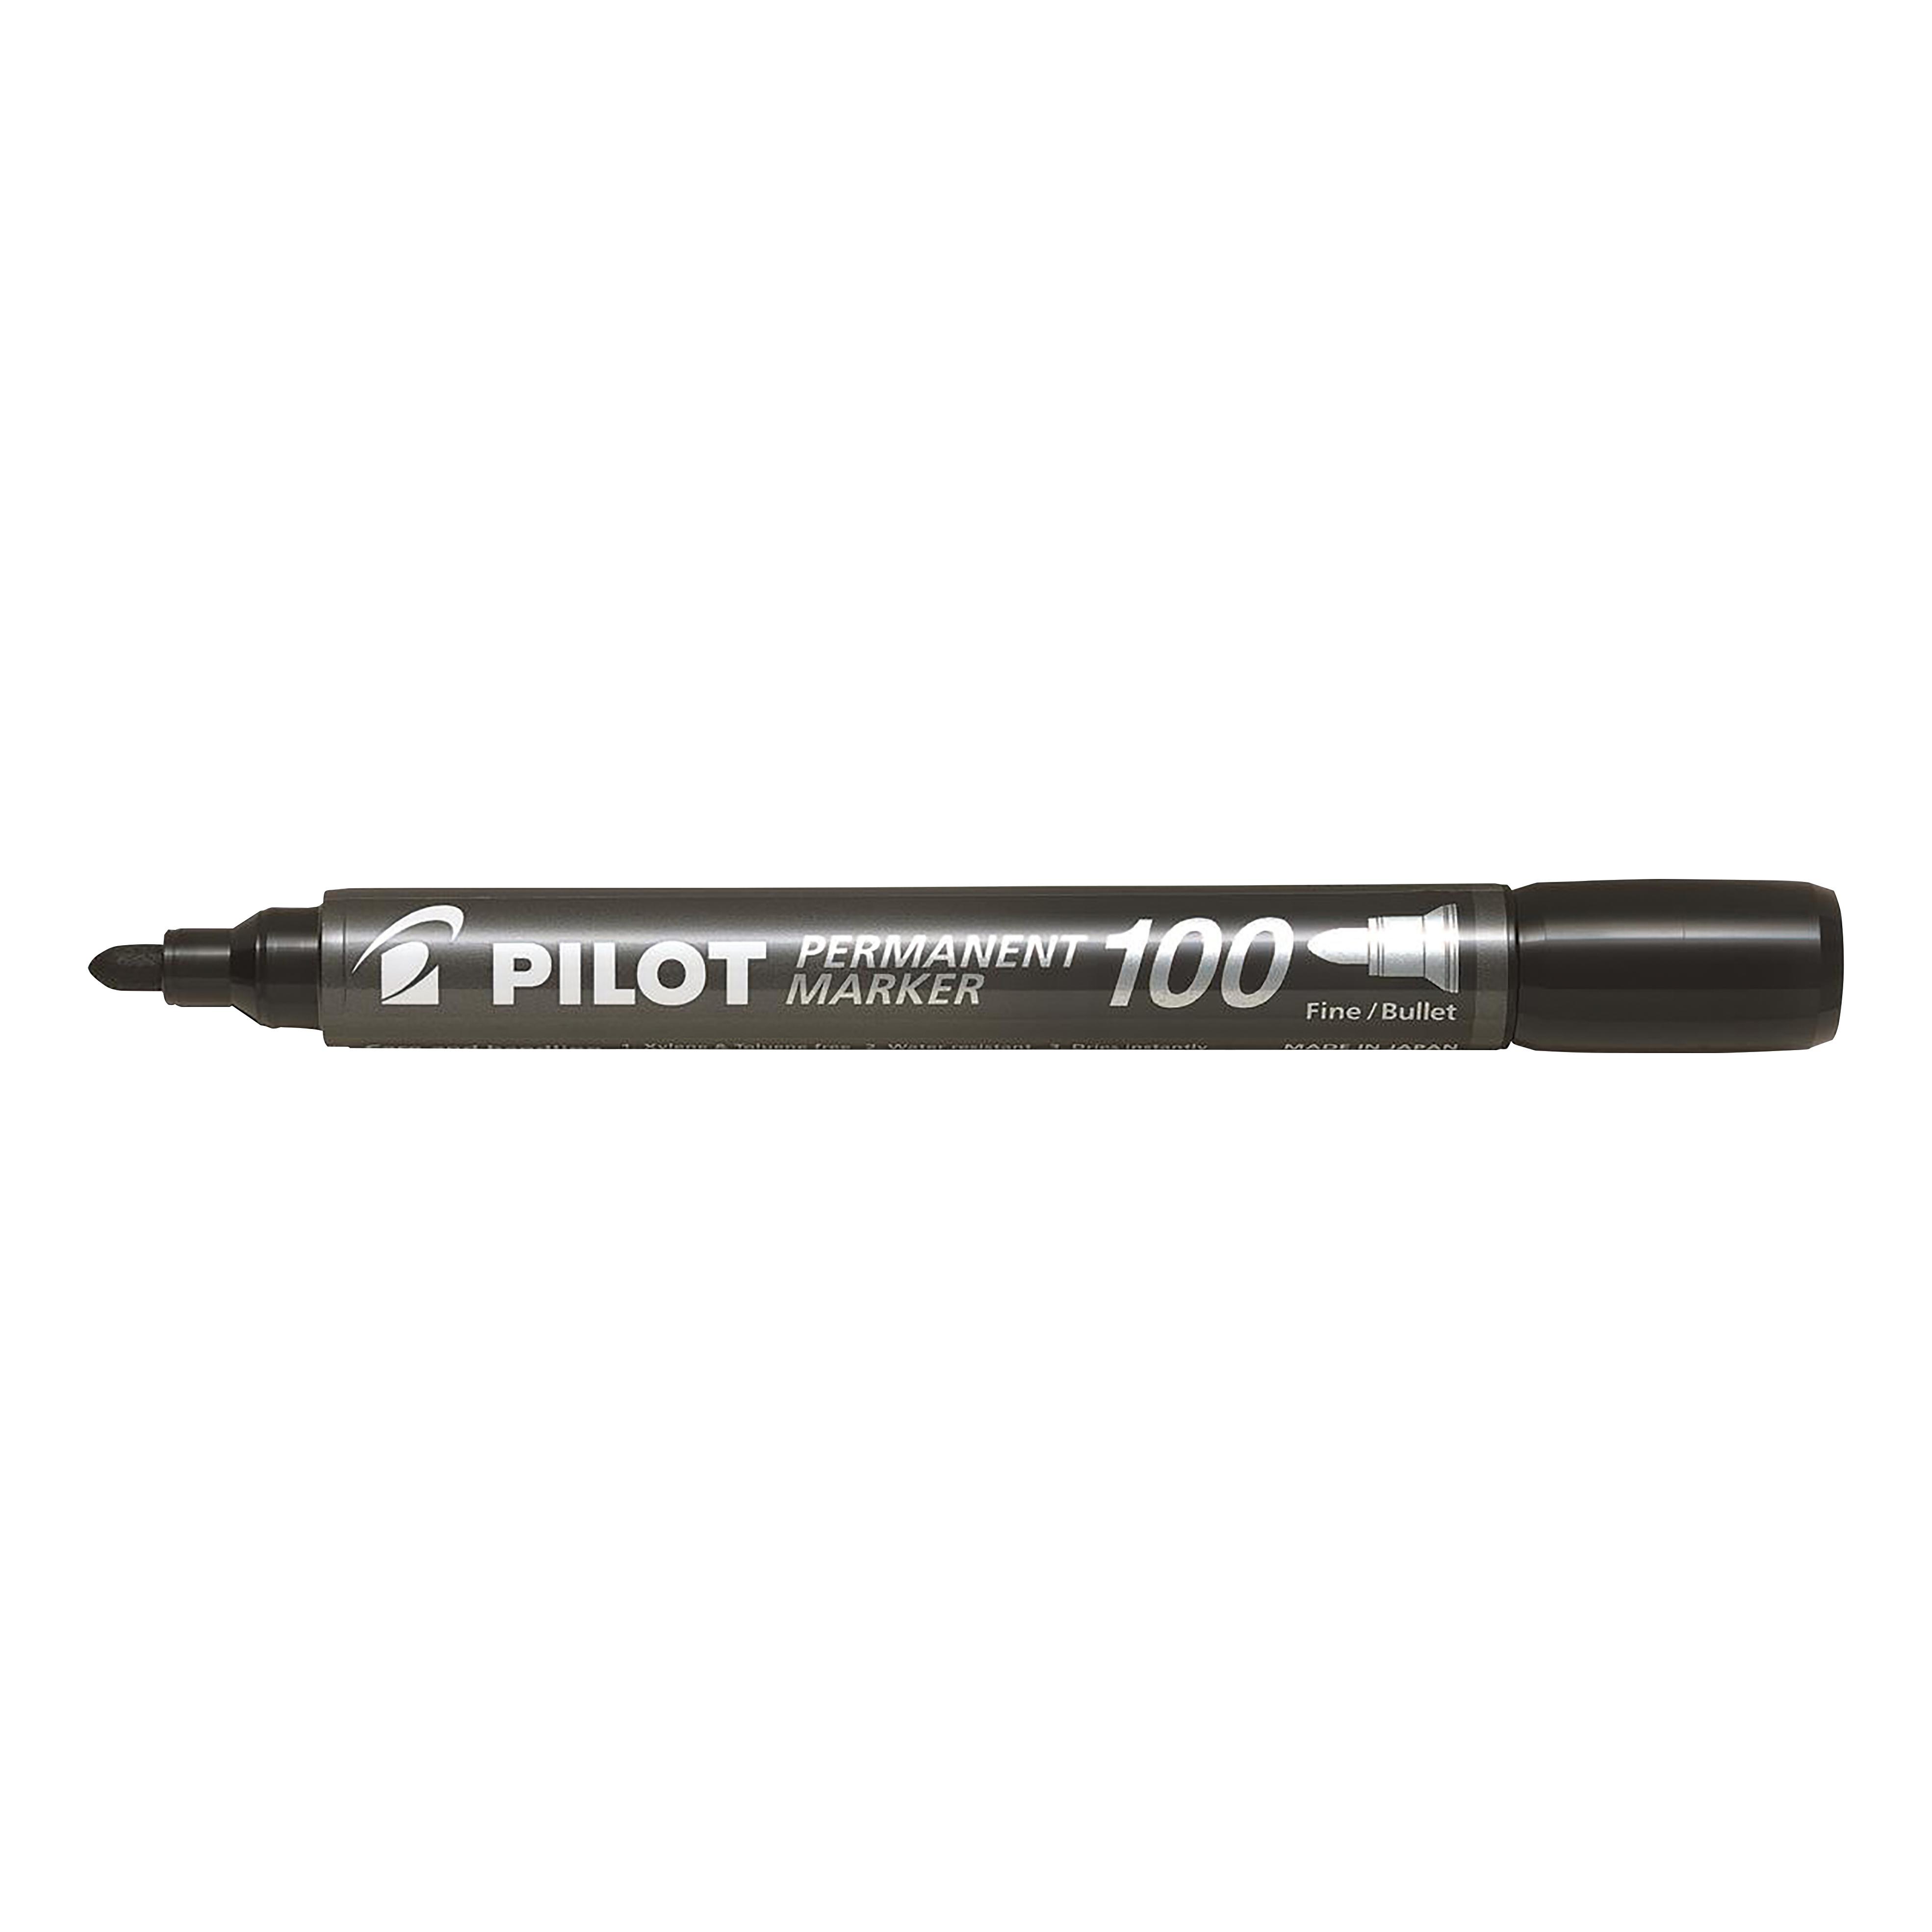 Pilot 100 Permanent Marker Bullet Tip 4.5mm Tip 1mm Line Black Ref 3131910501268 Pack 15&5 Free